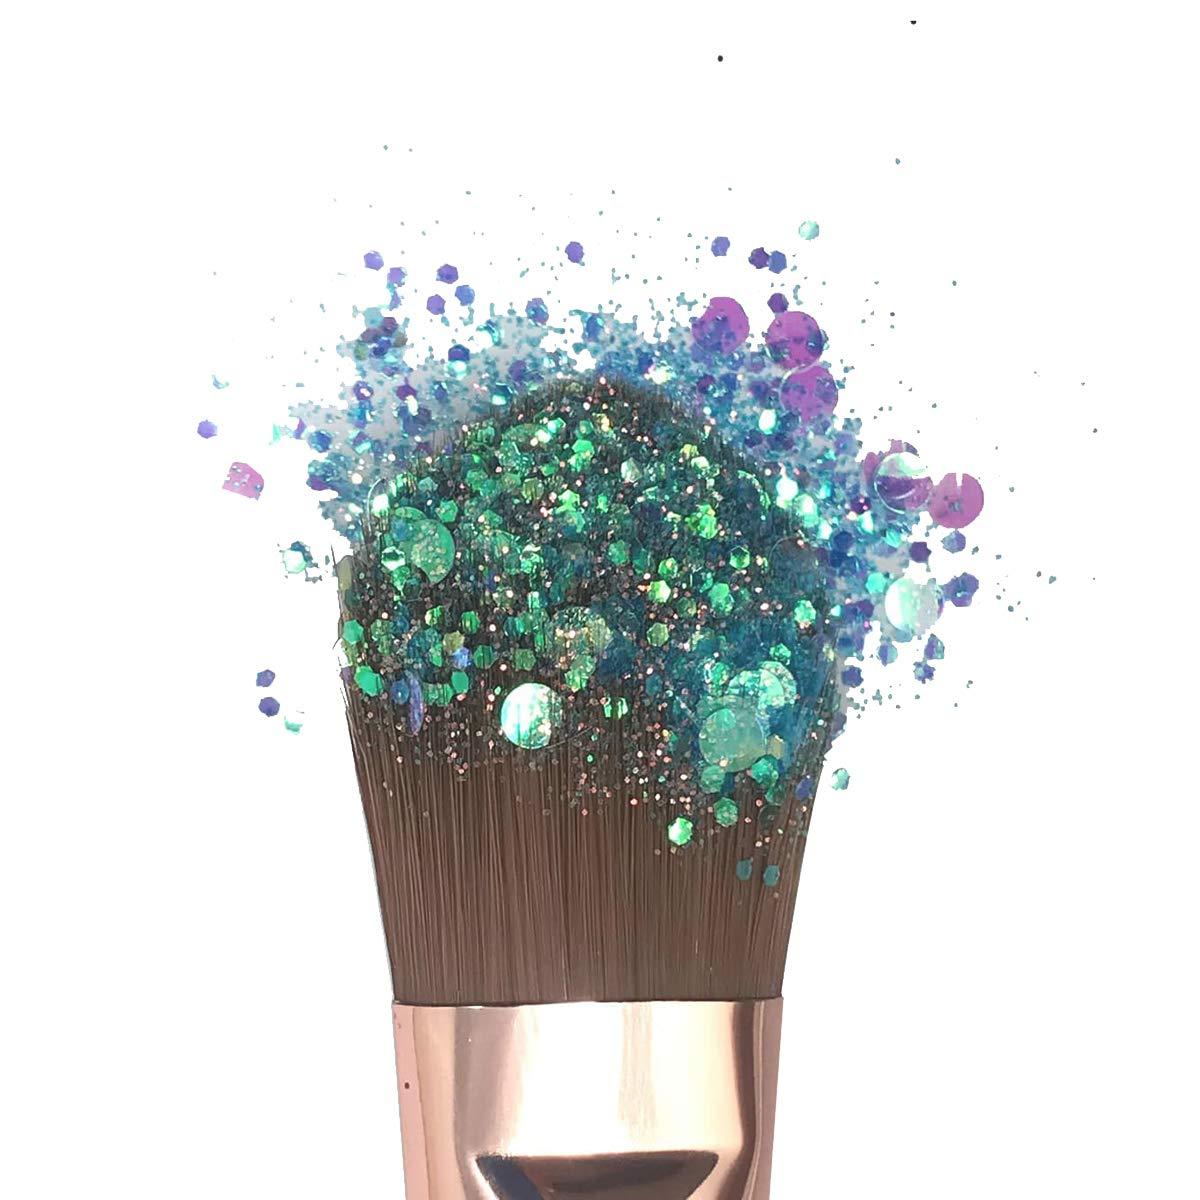 fai da te polvere glitterata di grandi dimensioni per progetti d/'arte fiori trucco viso//occhi//corpo regali unghie rosa chiaro decorazioni biglietti capelli matrimoni Hemway 1L // 500g